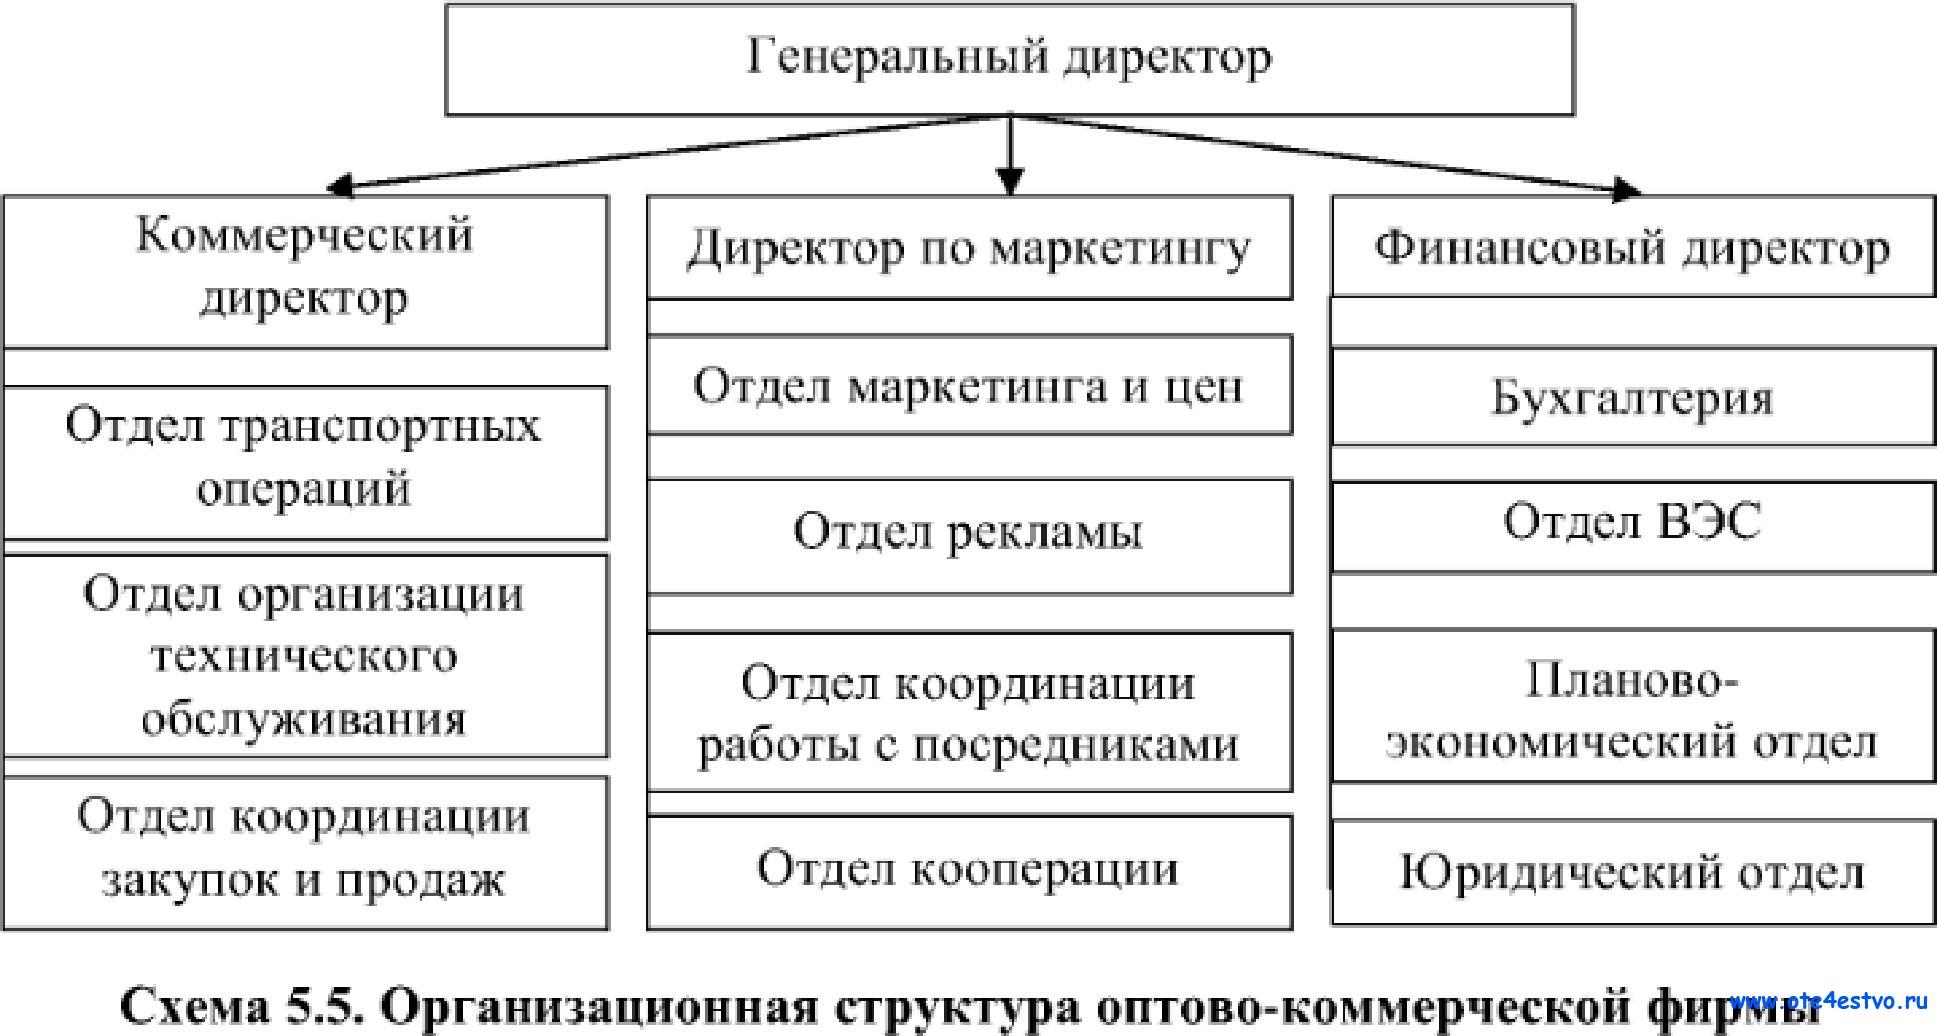 Структура оптово-розничной торговой компании схема